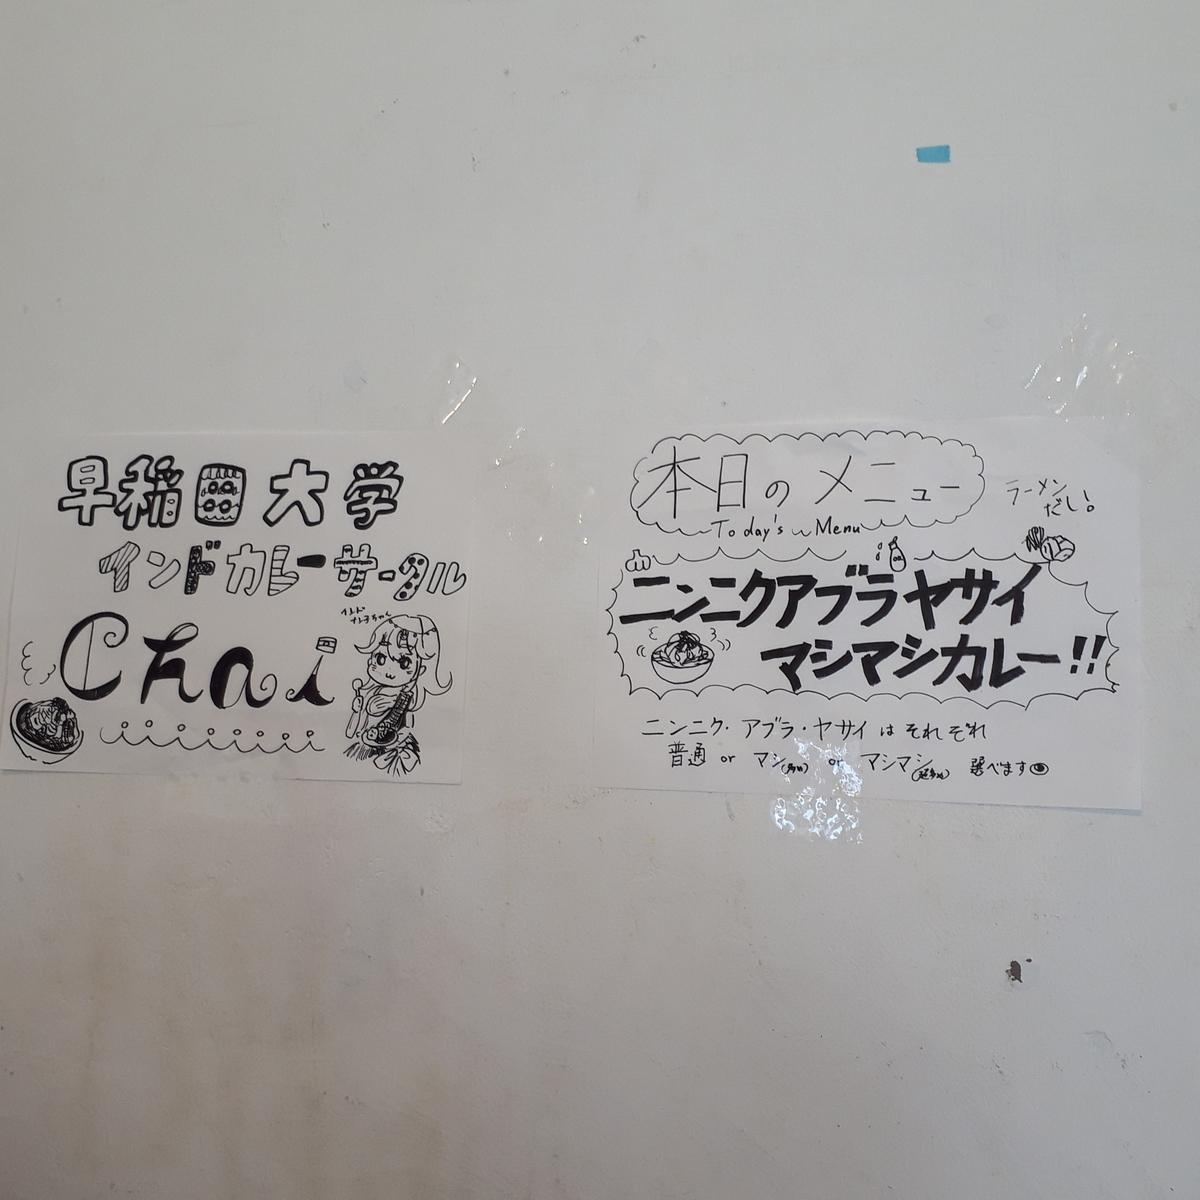 早稲田大学インドカレーサークル Chai ニンニクアブラヤサイマシマシカレー